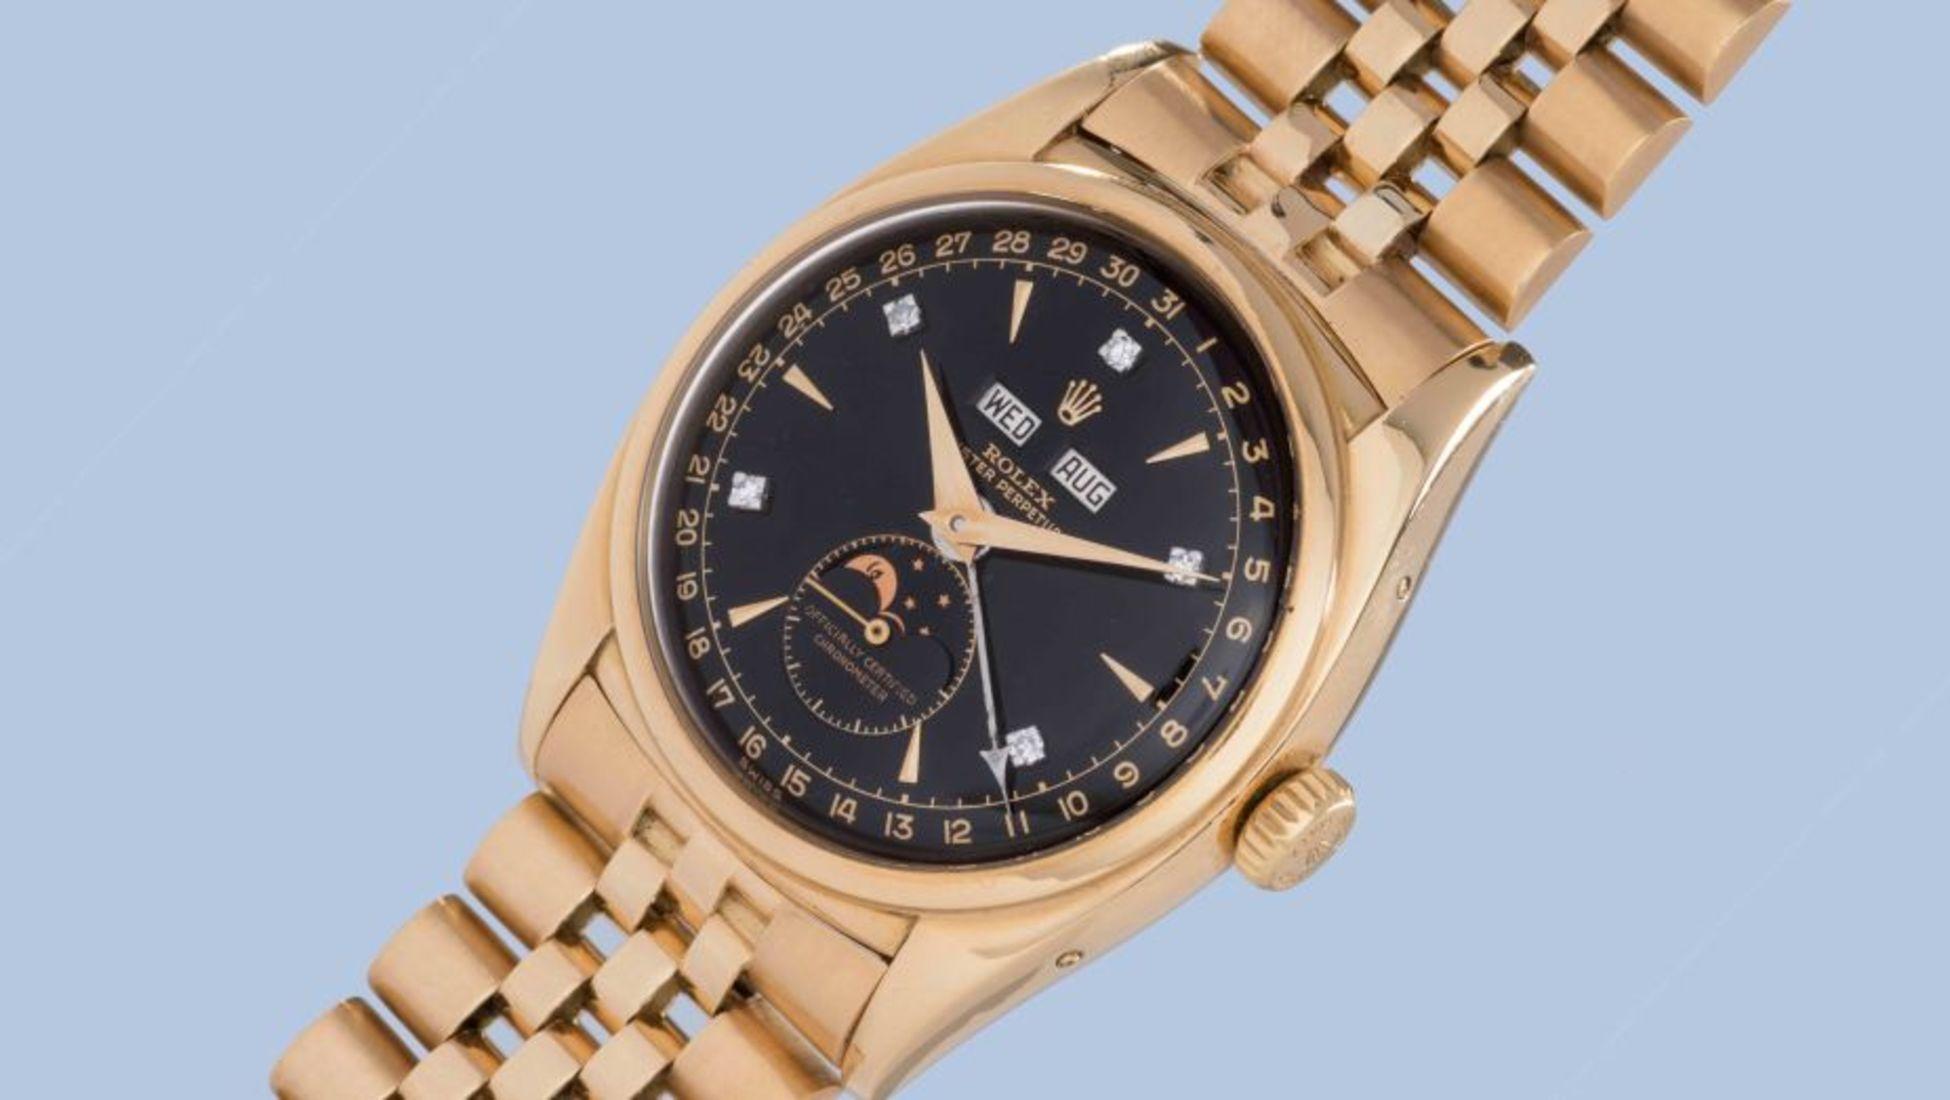 018fe23bfa6 ... mais complicados produzidos pela Rolex